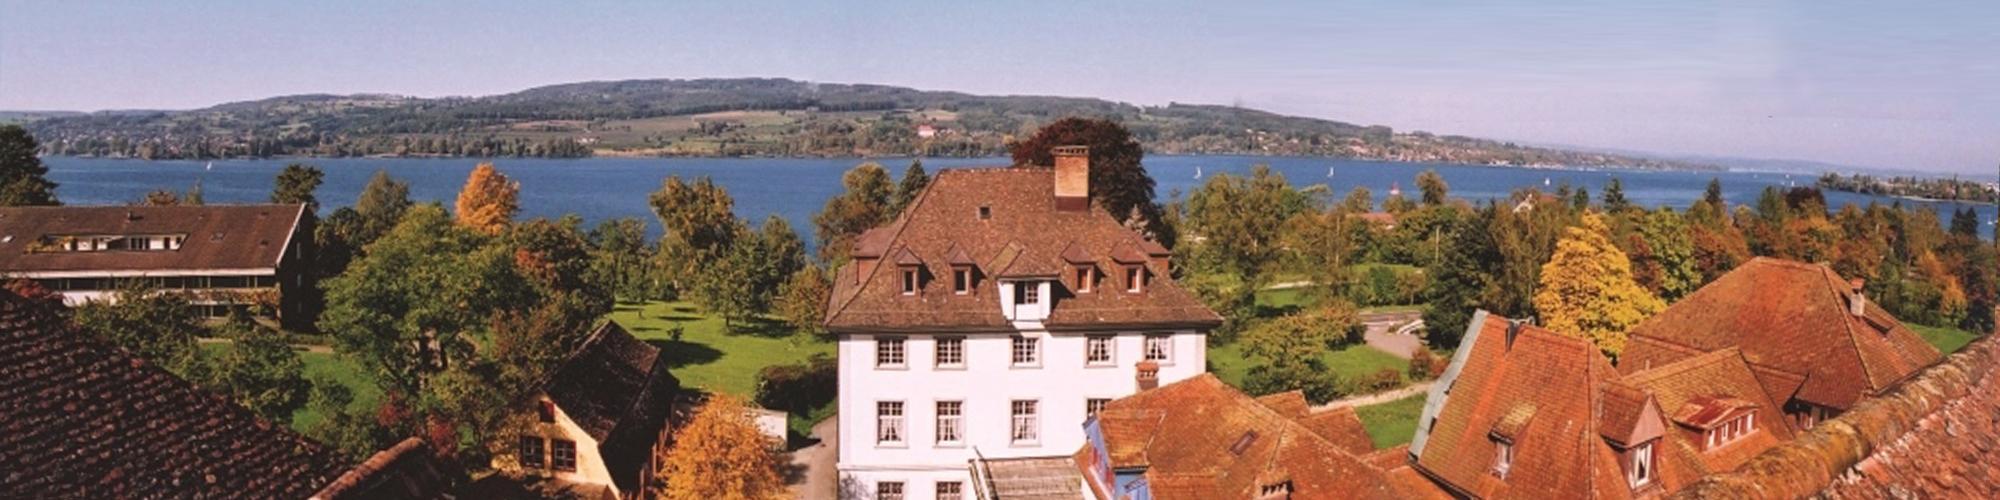 Schloss Glarisegg Betriebsgesellschaft GmbH